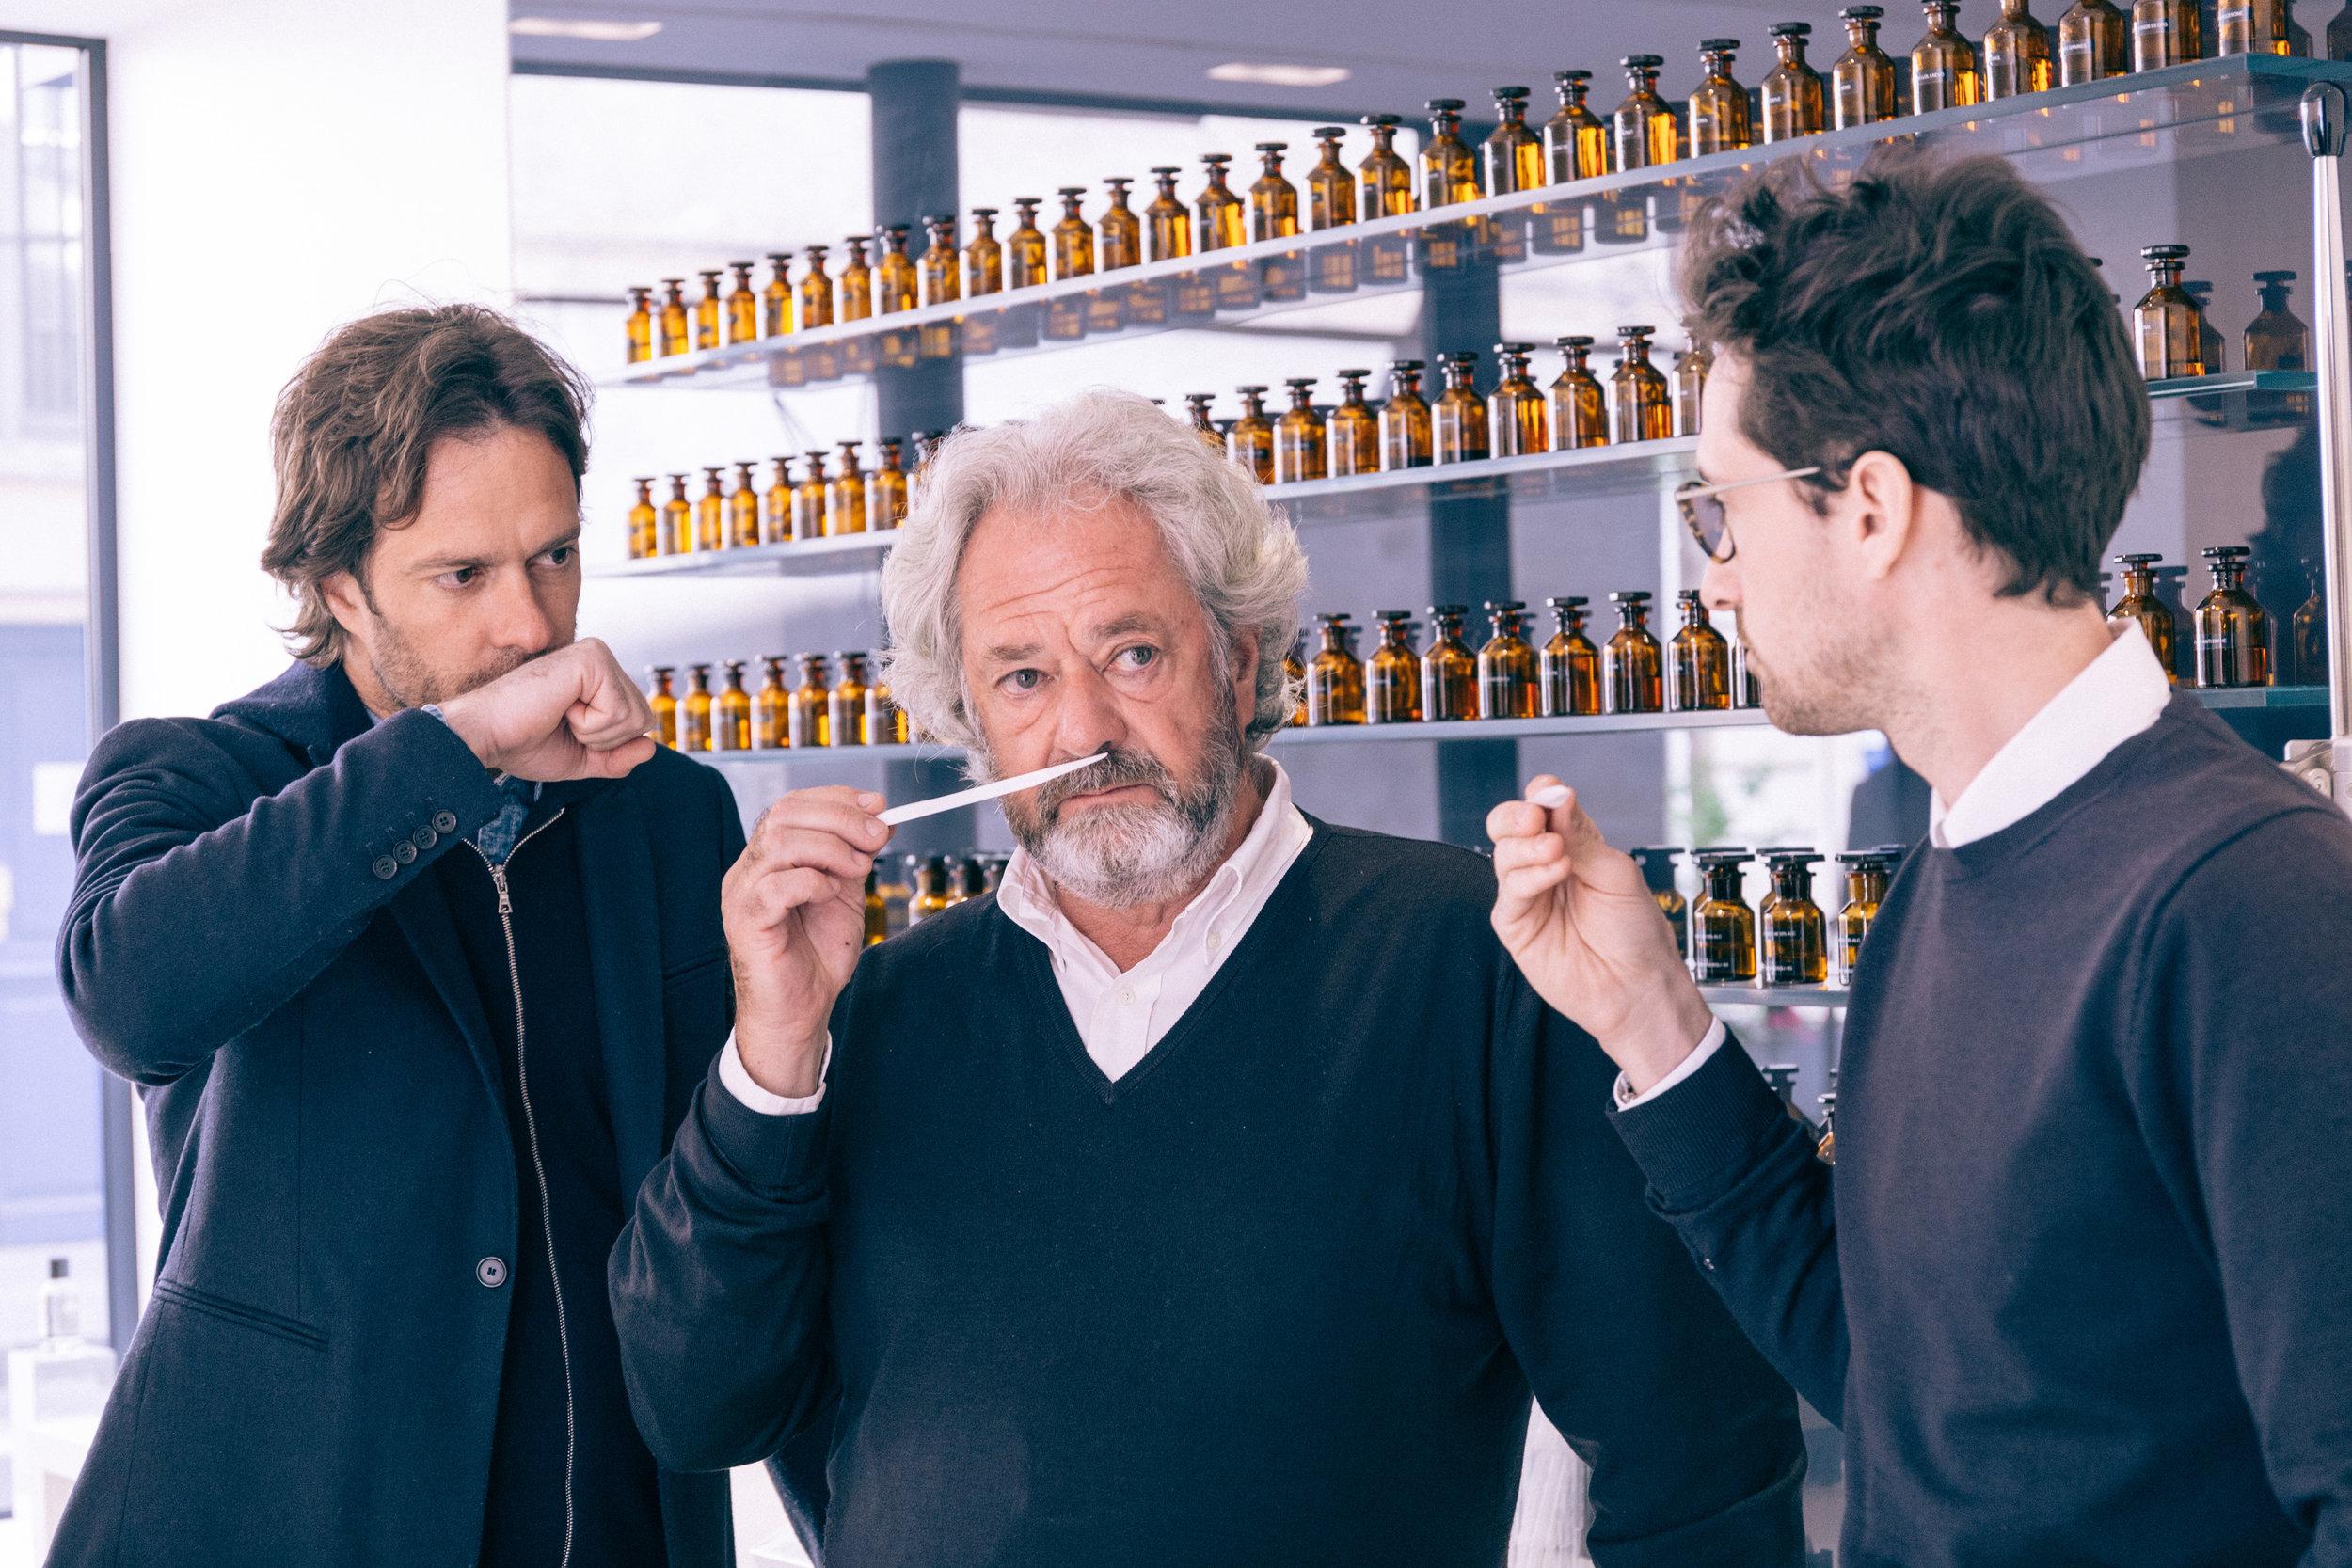 Michel Almairac et ses deux fils dans la boutique Parle Moi de Parfum, rue de Sévigné, à Paris.